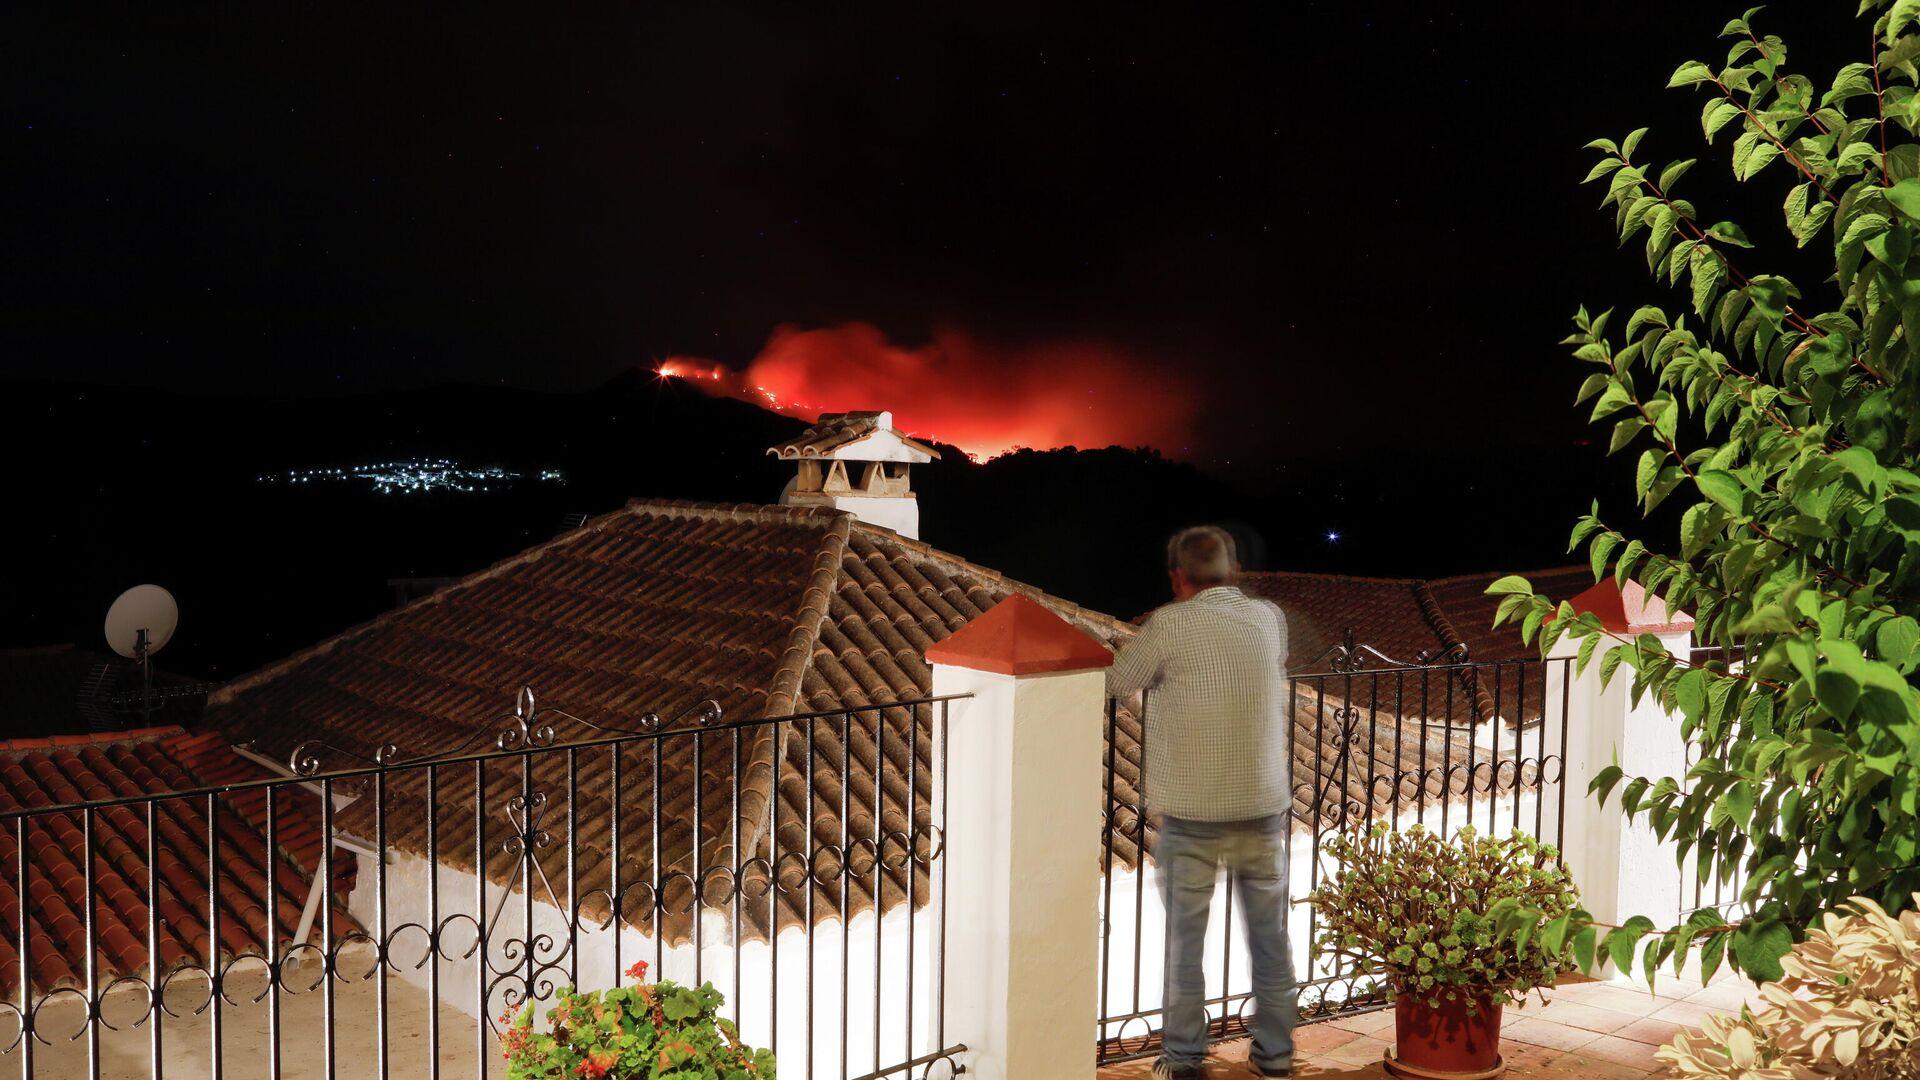 El incendio en el sur de España  - Sputnik Mundo, 1920, 13.09.2021